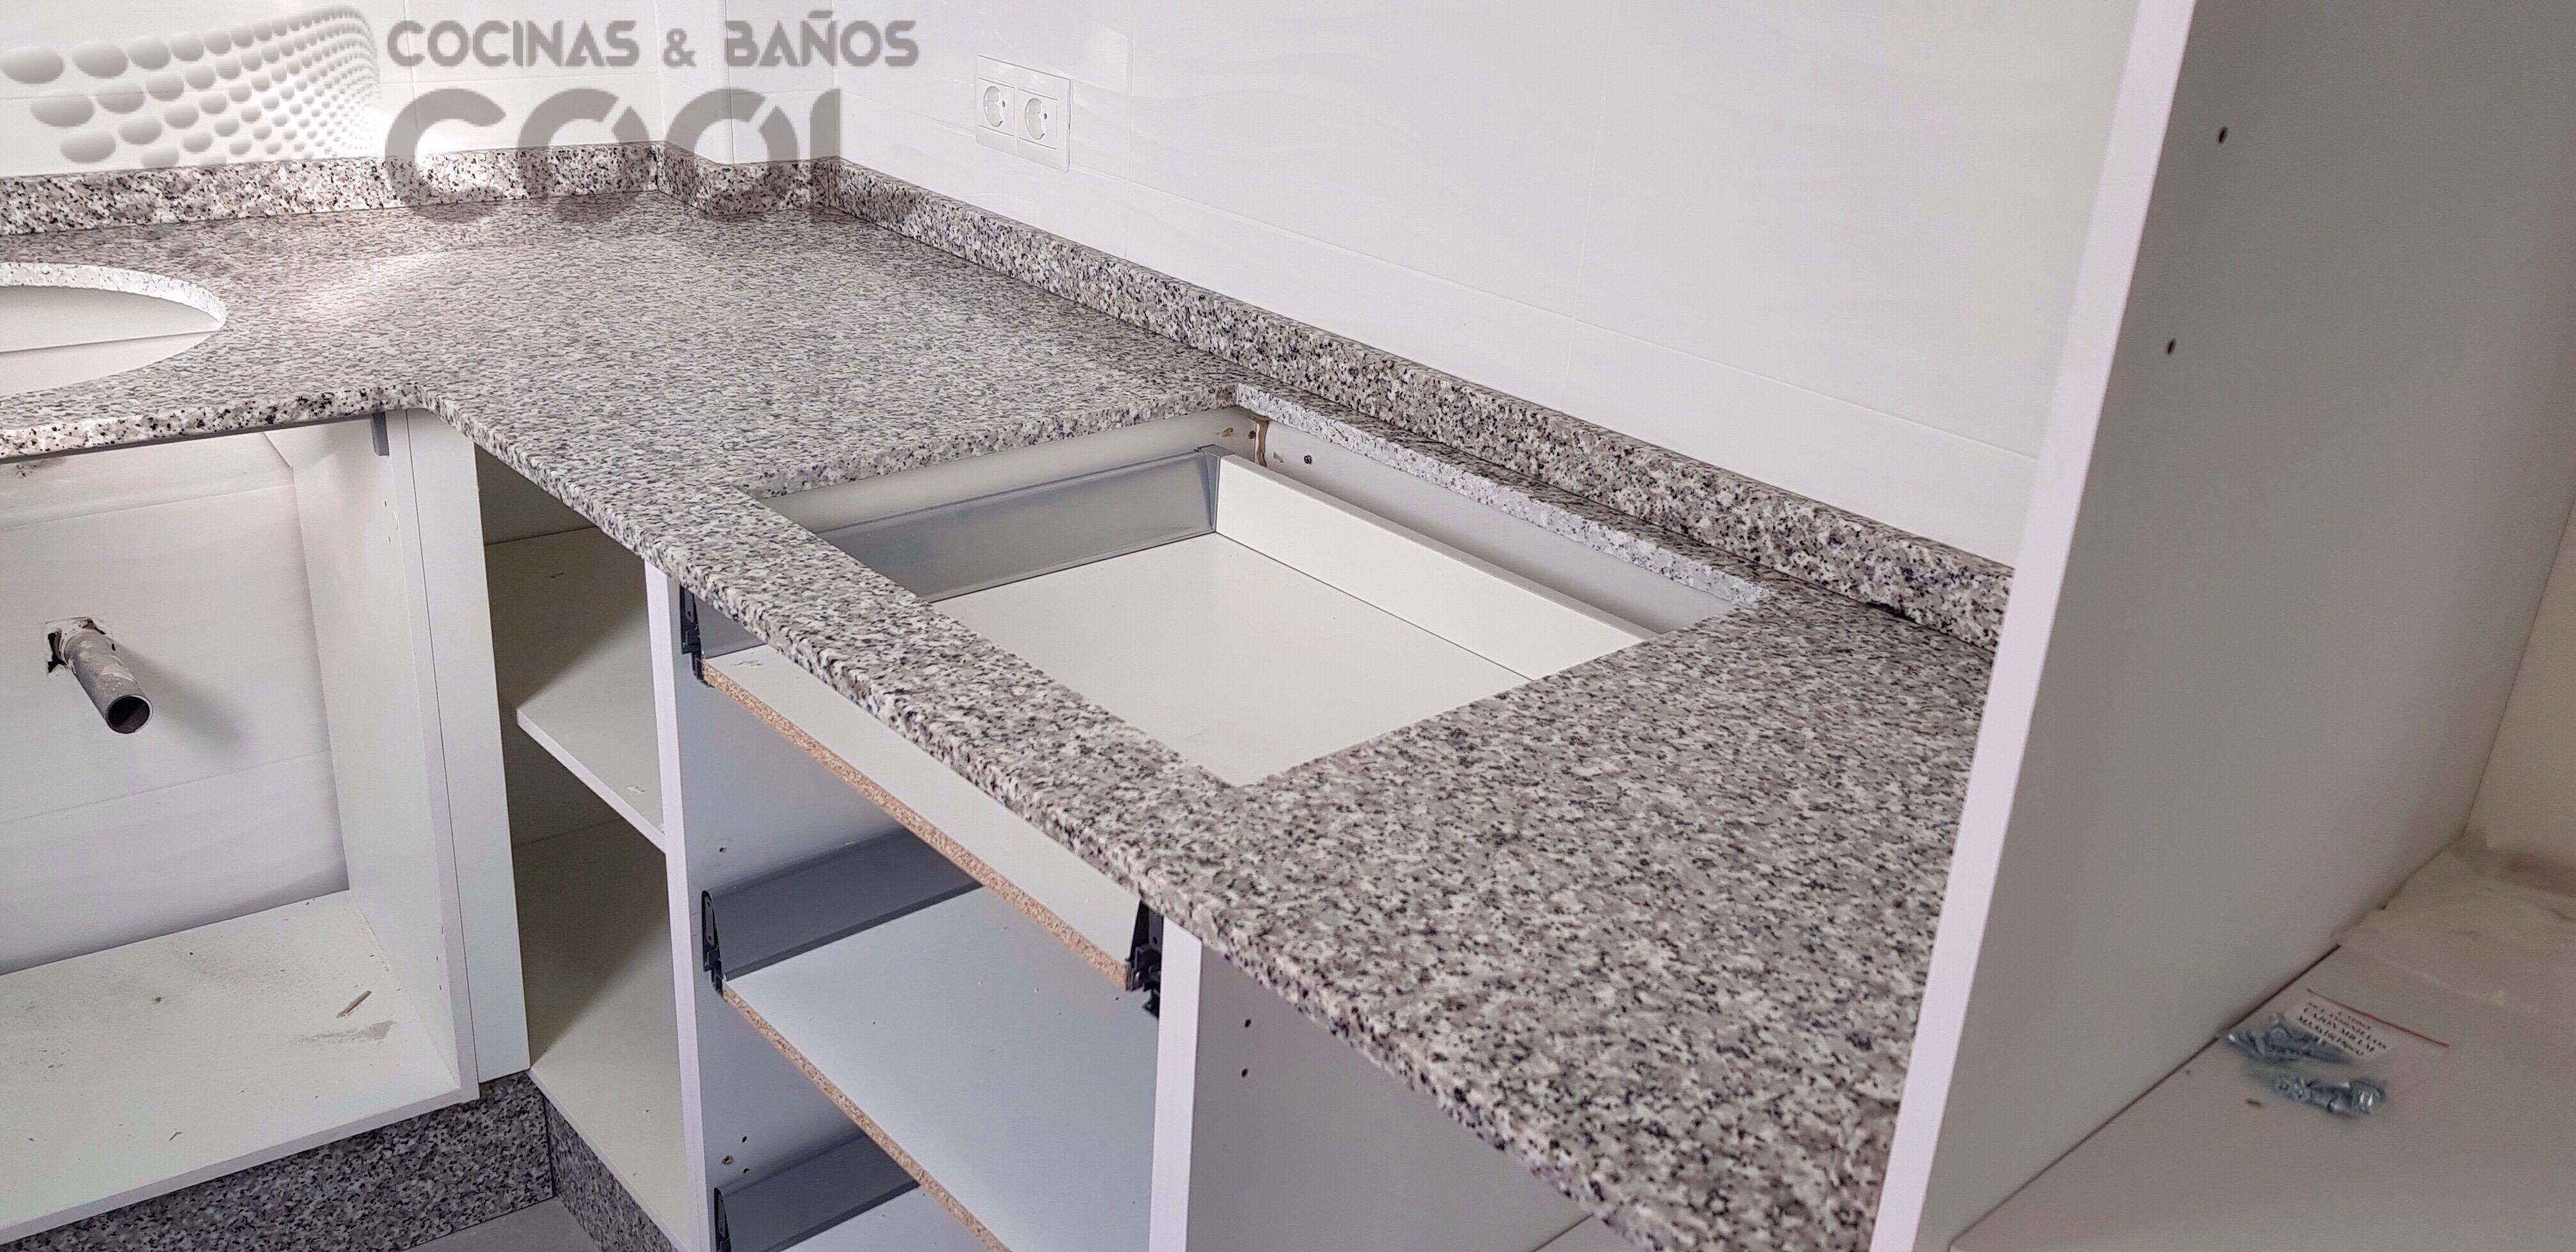 Encimera granito nacional blanco perla cool encimeras for Encimeras de granito blanco